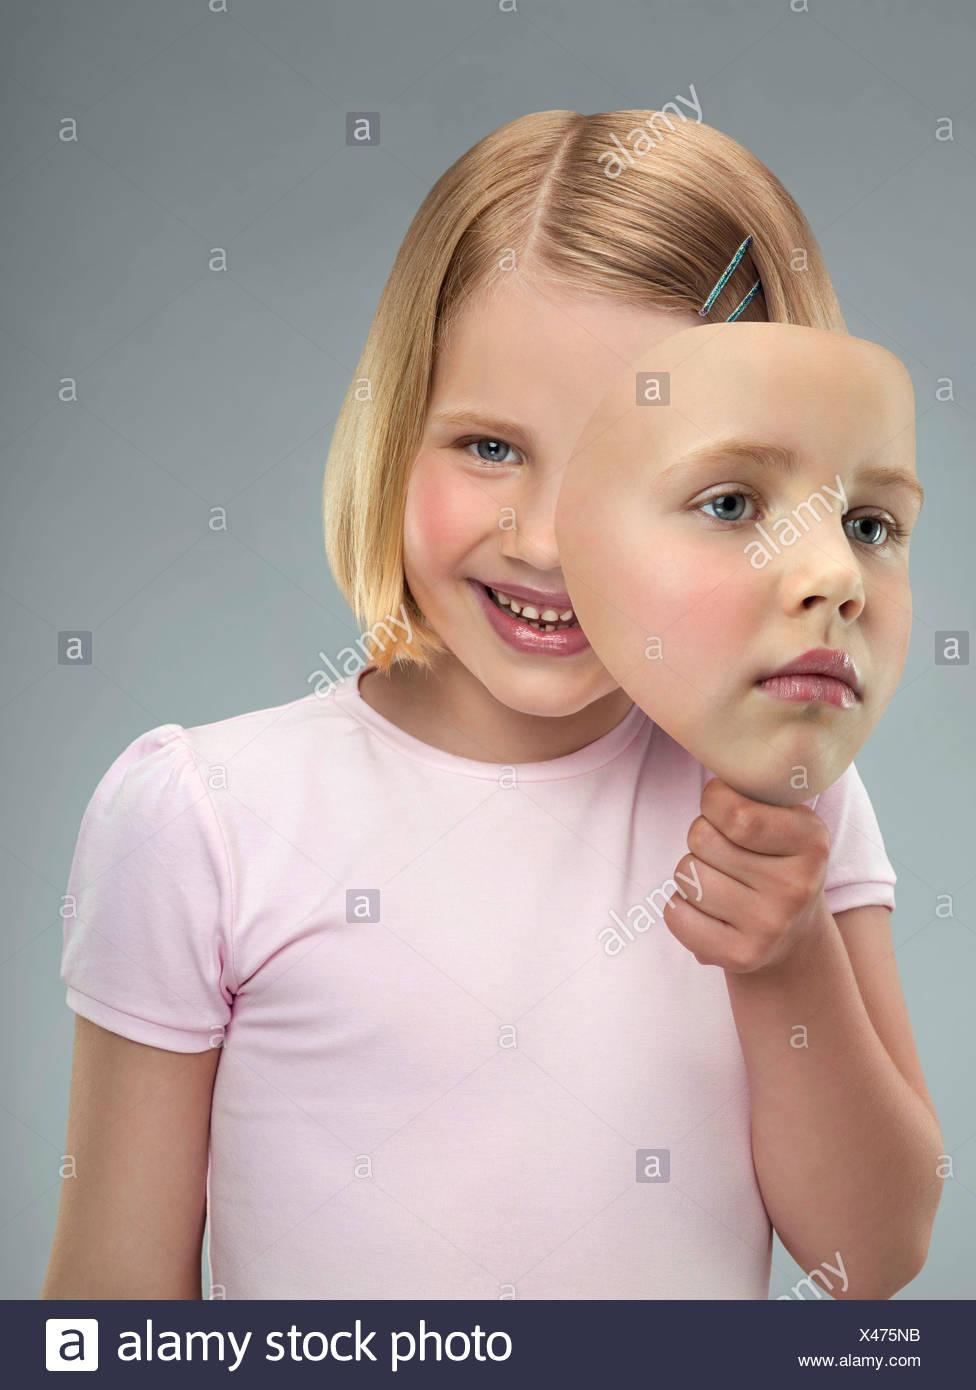 Porträt eines jungen Mädchens mit einer Maske, Studio gedreht Stockbild